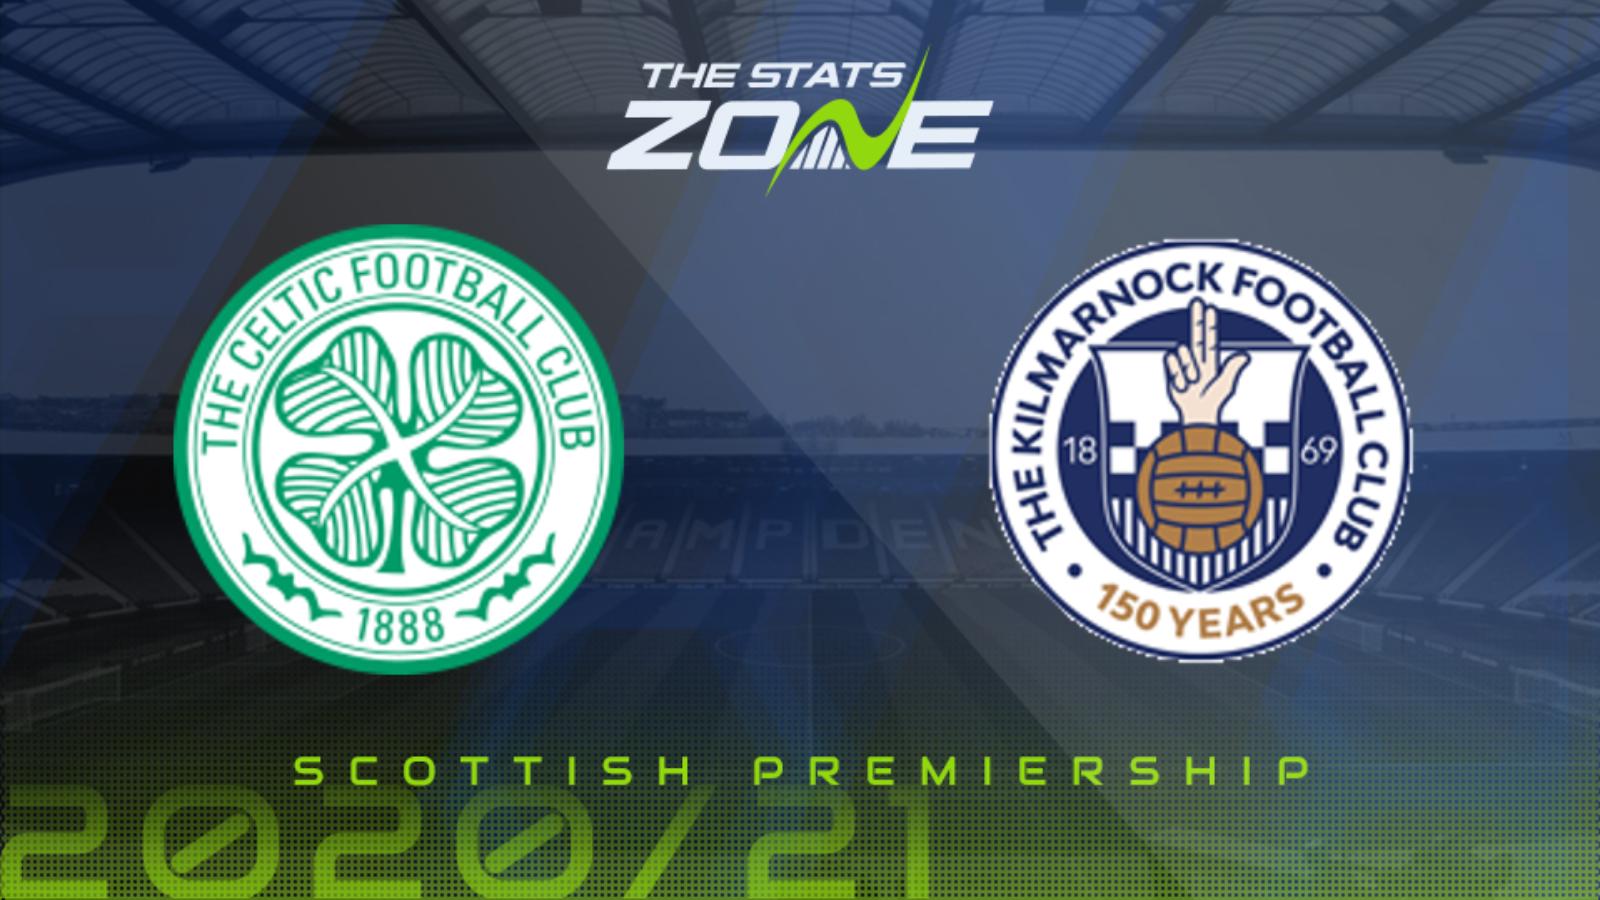 Celtic vs kilmarnock betting tips melbourne heart vs sydney fc betting expert basketball